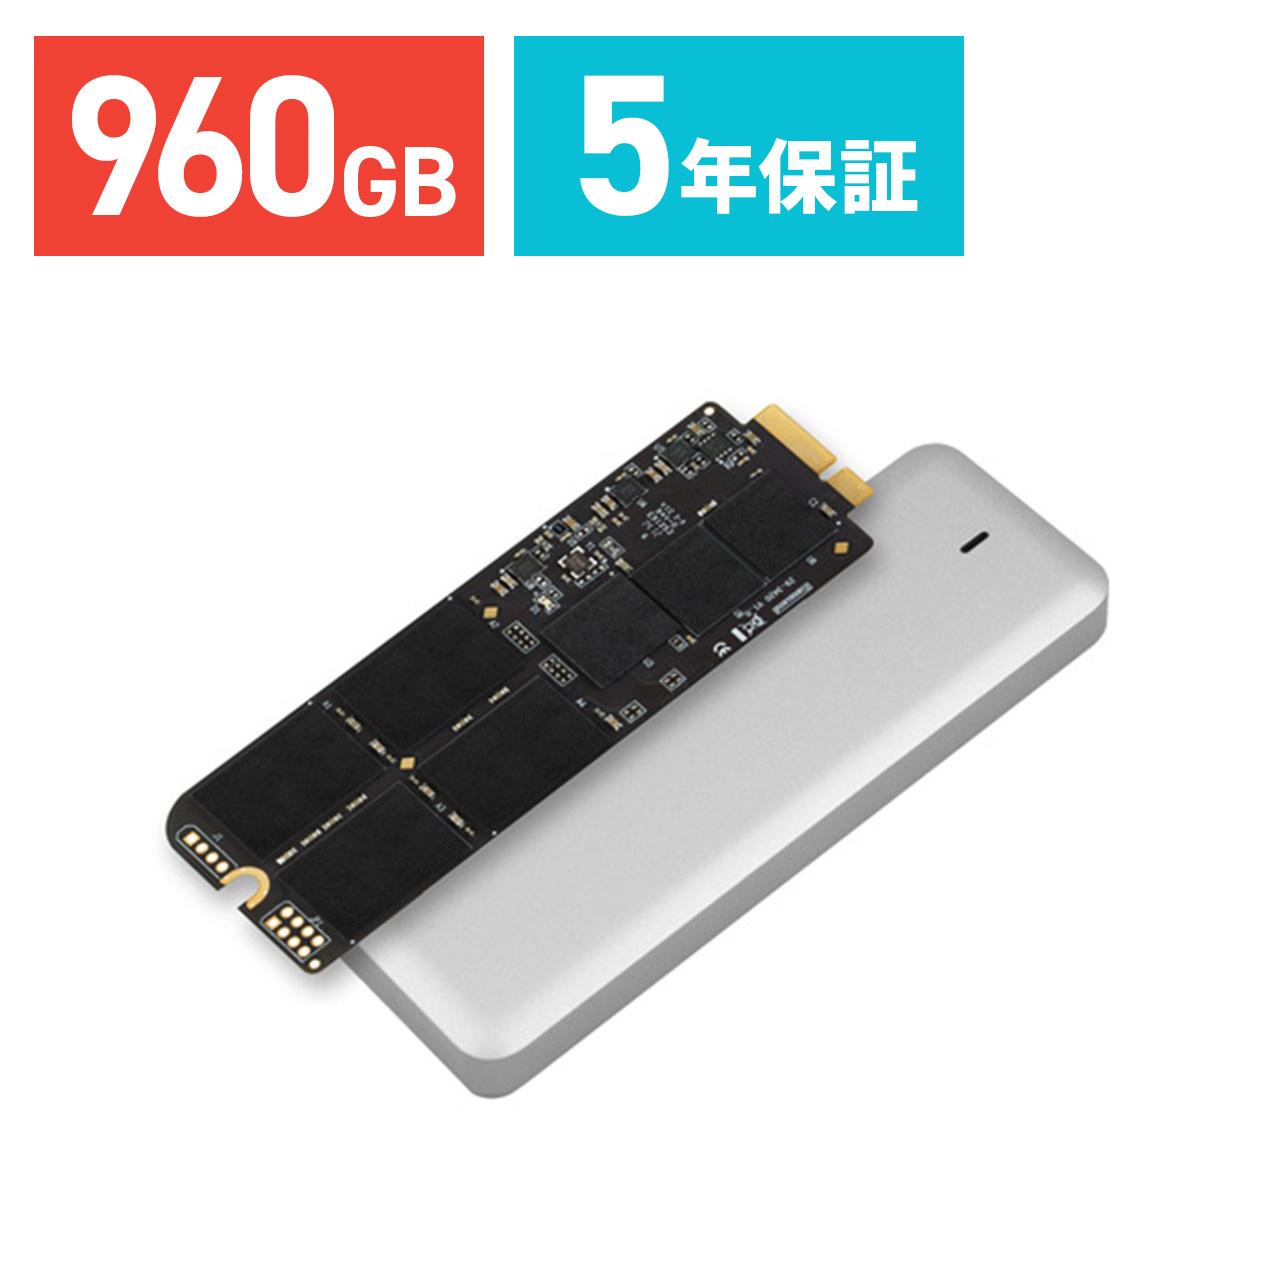 【店内全品ポイント5倍~7/21(土)1:59まで】Transcend SSD MacBook Pro Retina 15